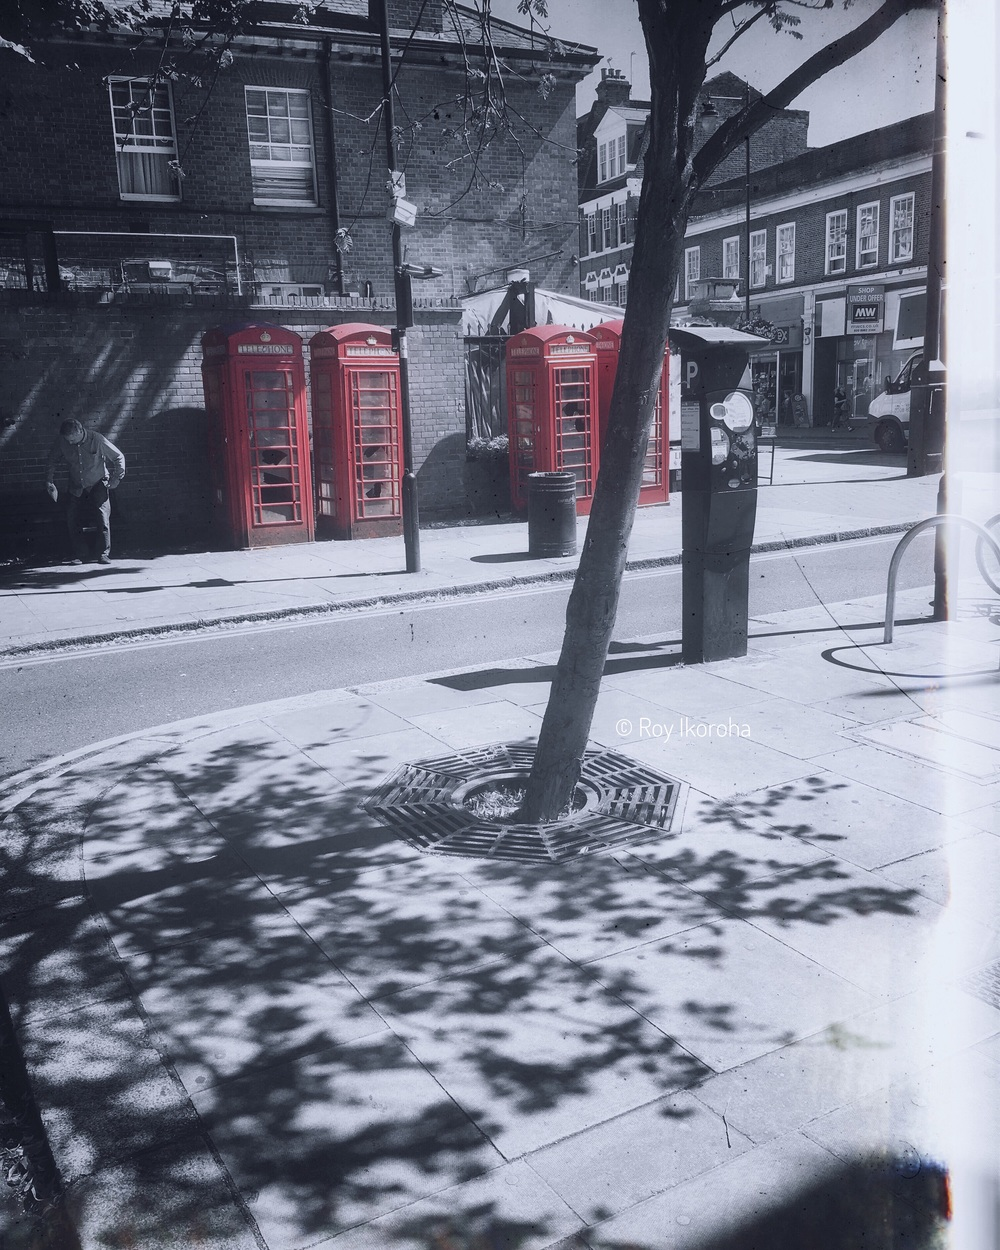 Enfield Town, London